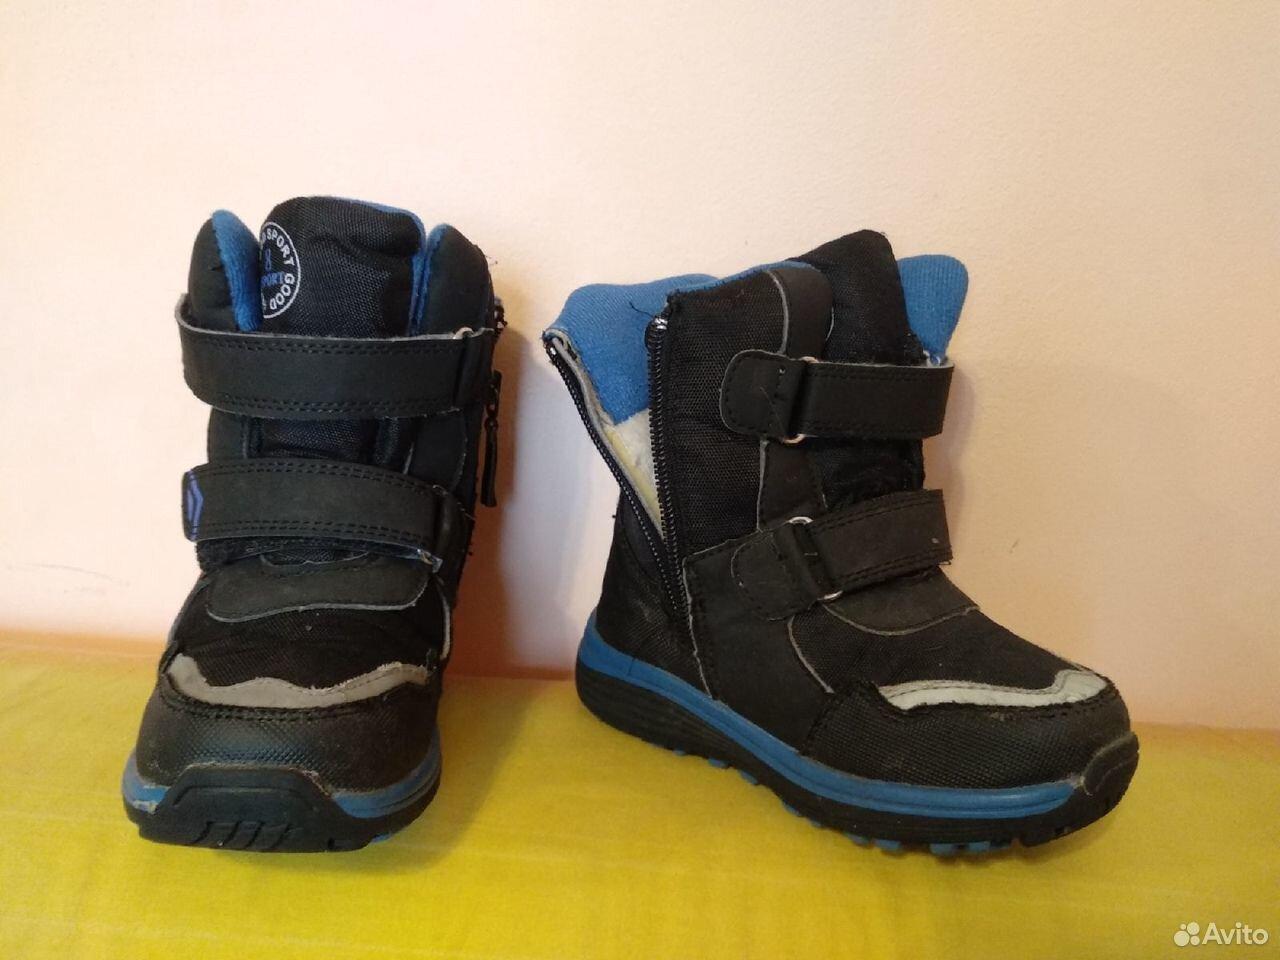 Детская обувь зима 26р  89524222409 купить 1